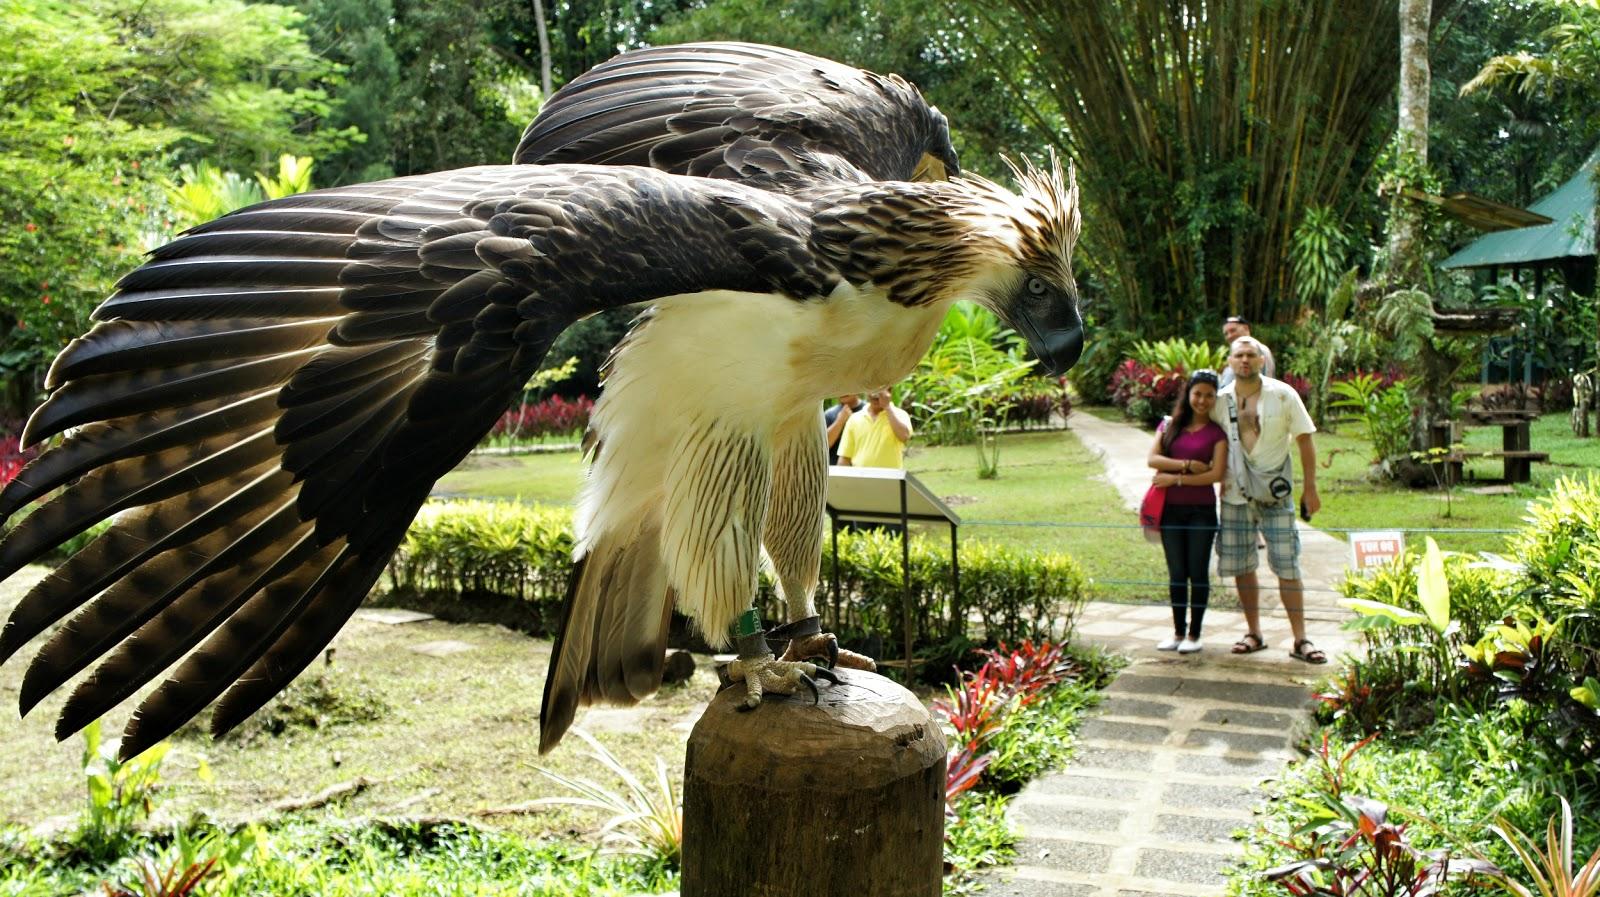 проучился там картинки самых больших птиц в мире этот раз